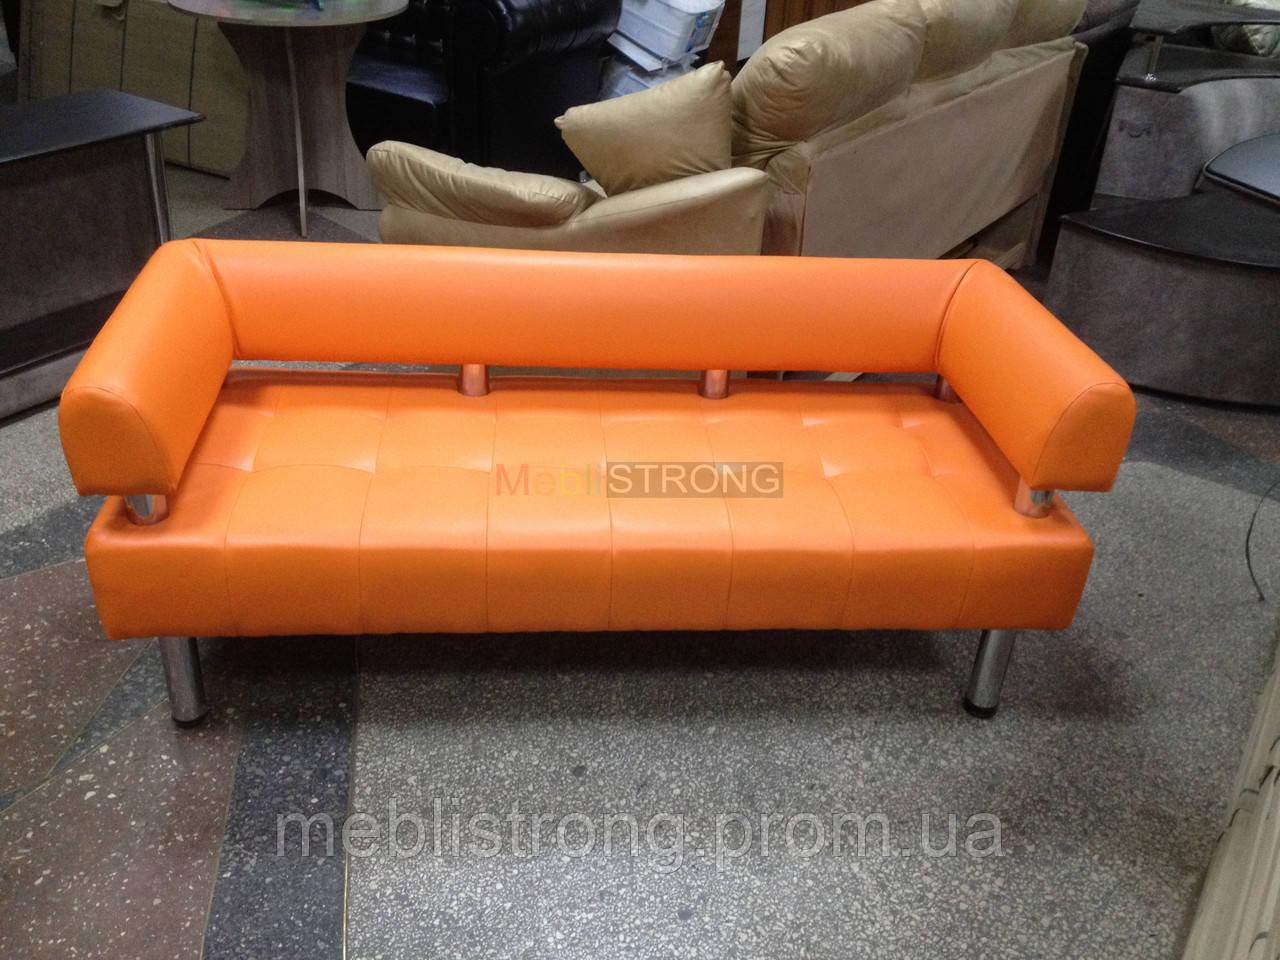 Офисный диван в офис Стронг (MebliSTRONG) - оранжевый матовый цвет